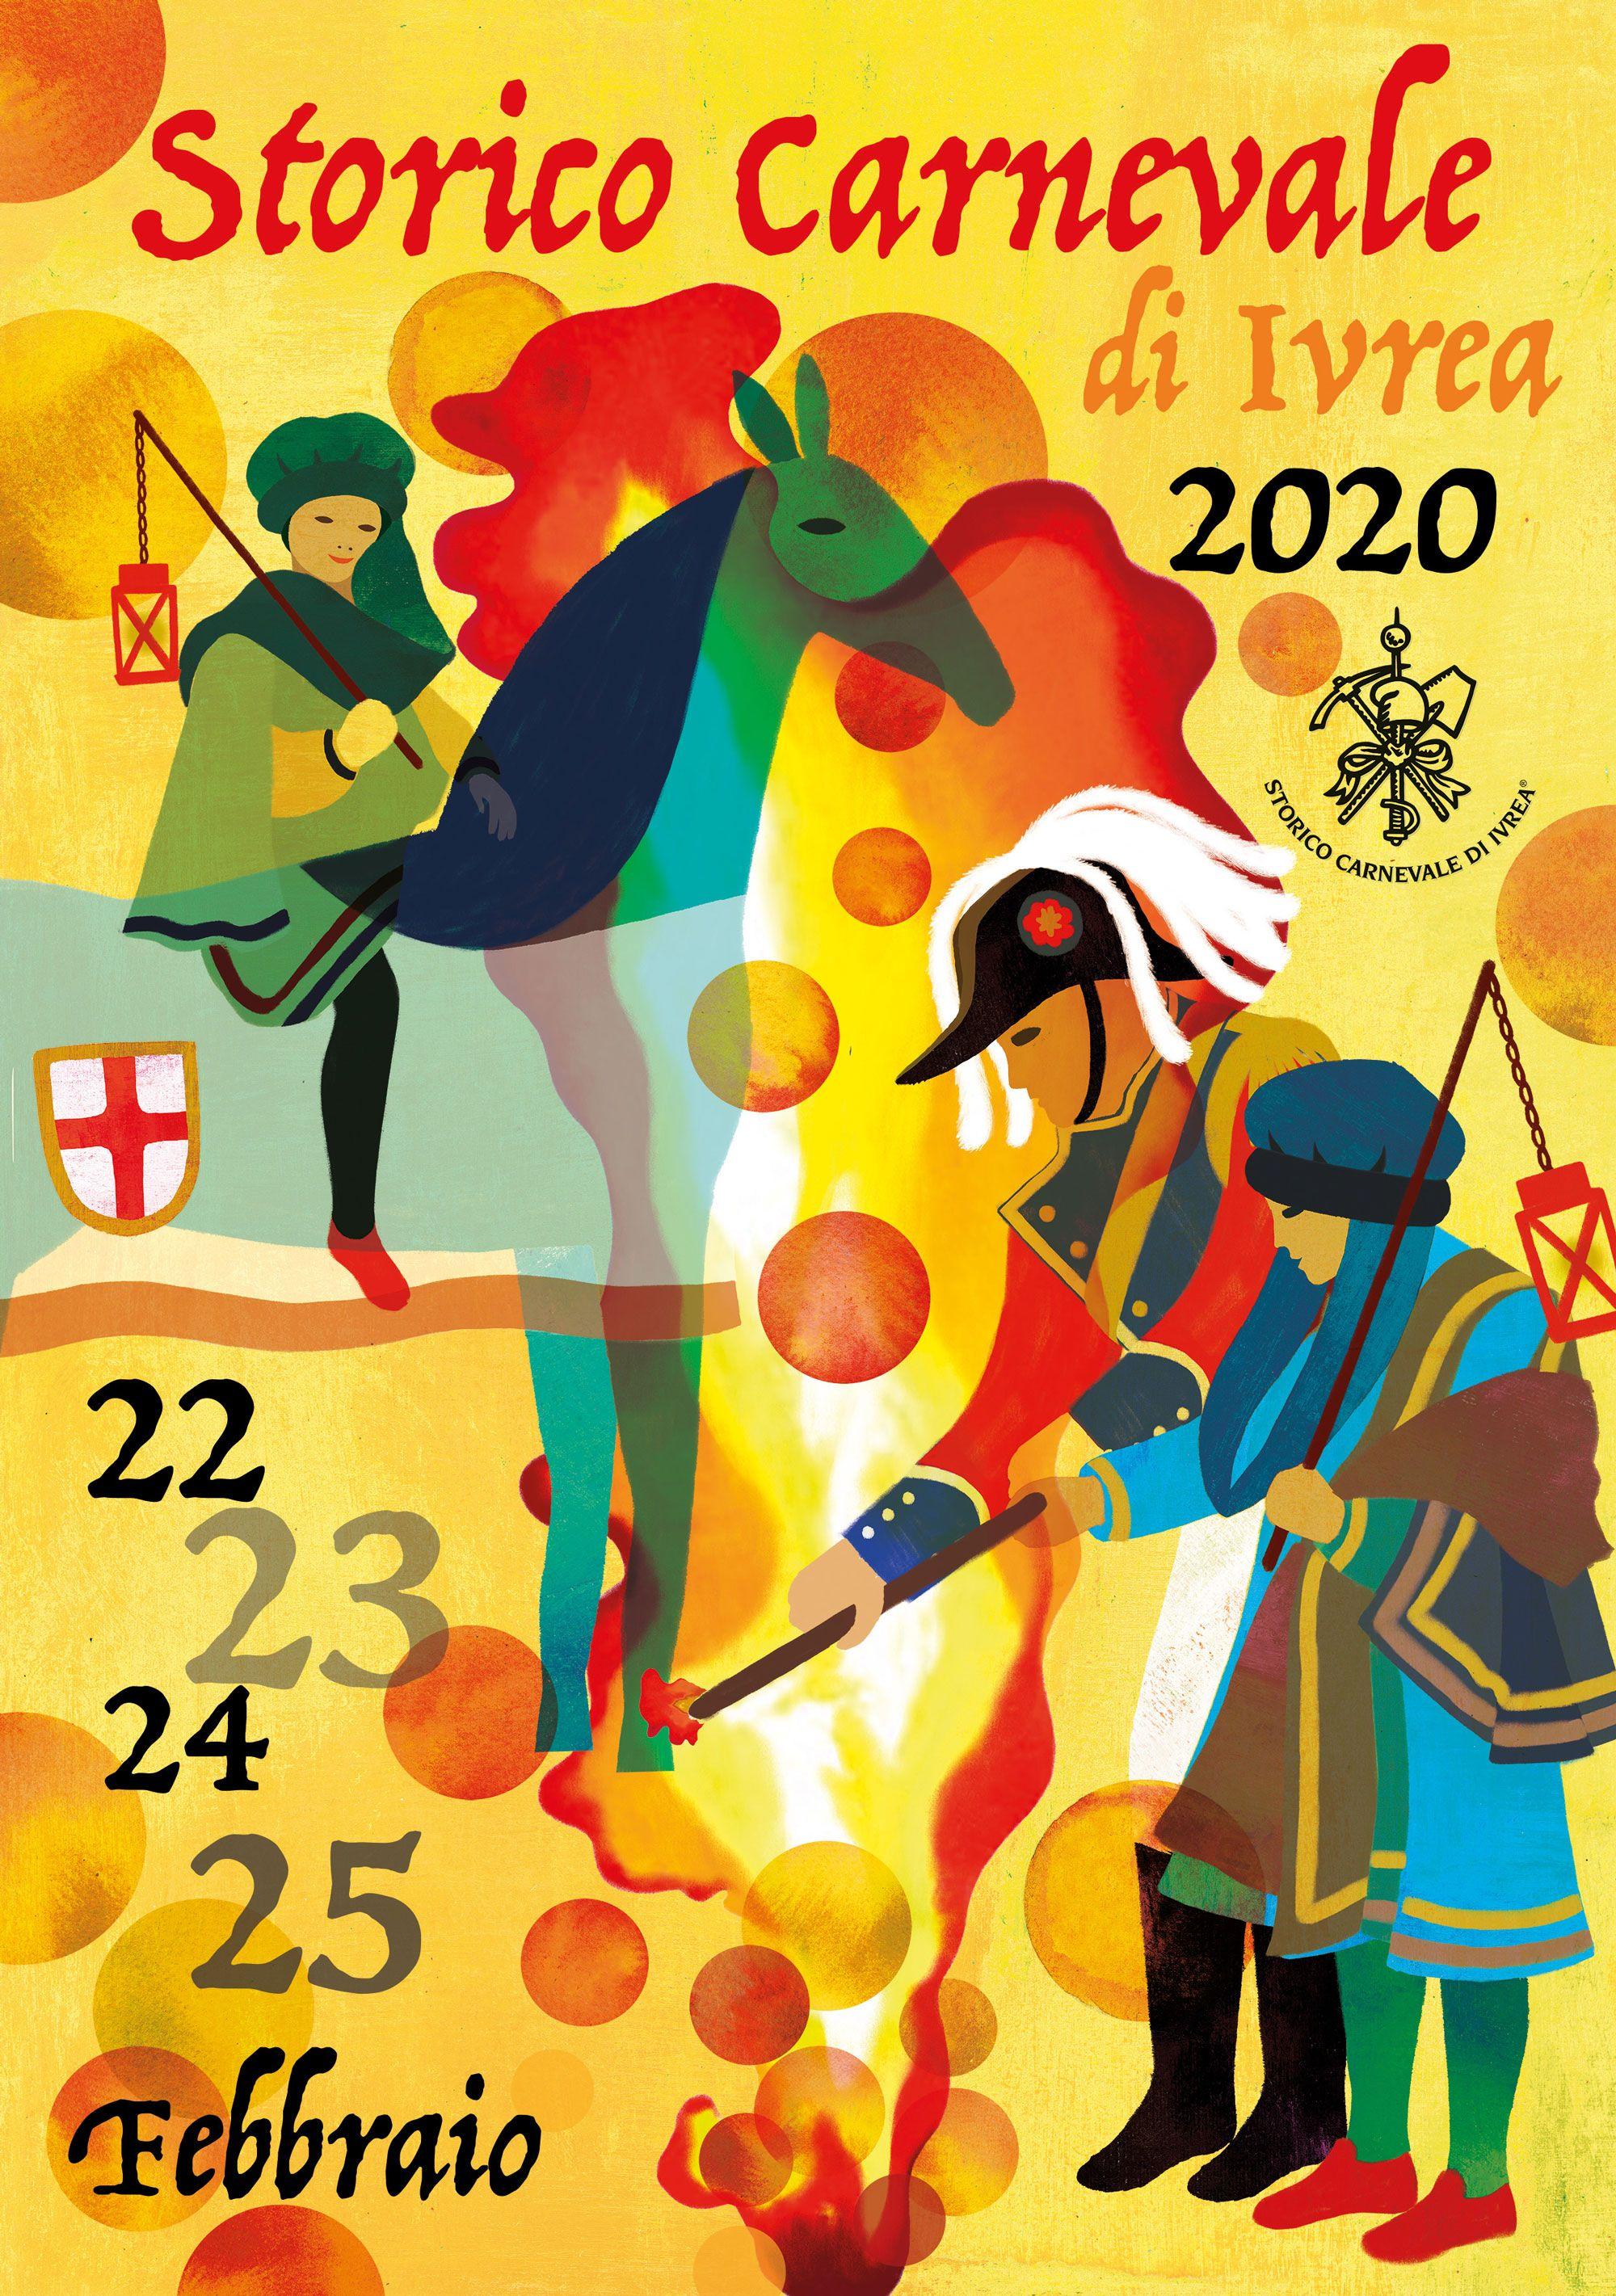 STORICO CARNEVALE IVREA - Ecco l'immagine ufficiale dell'edizione 2020